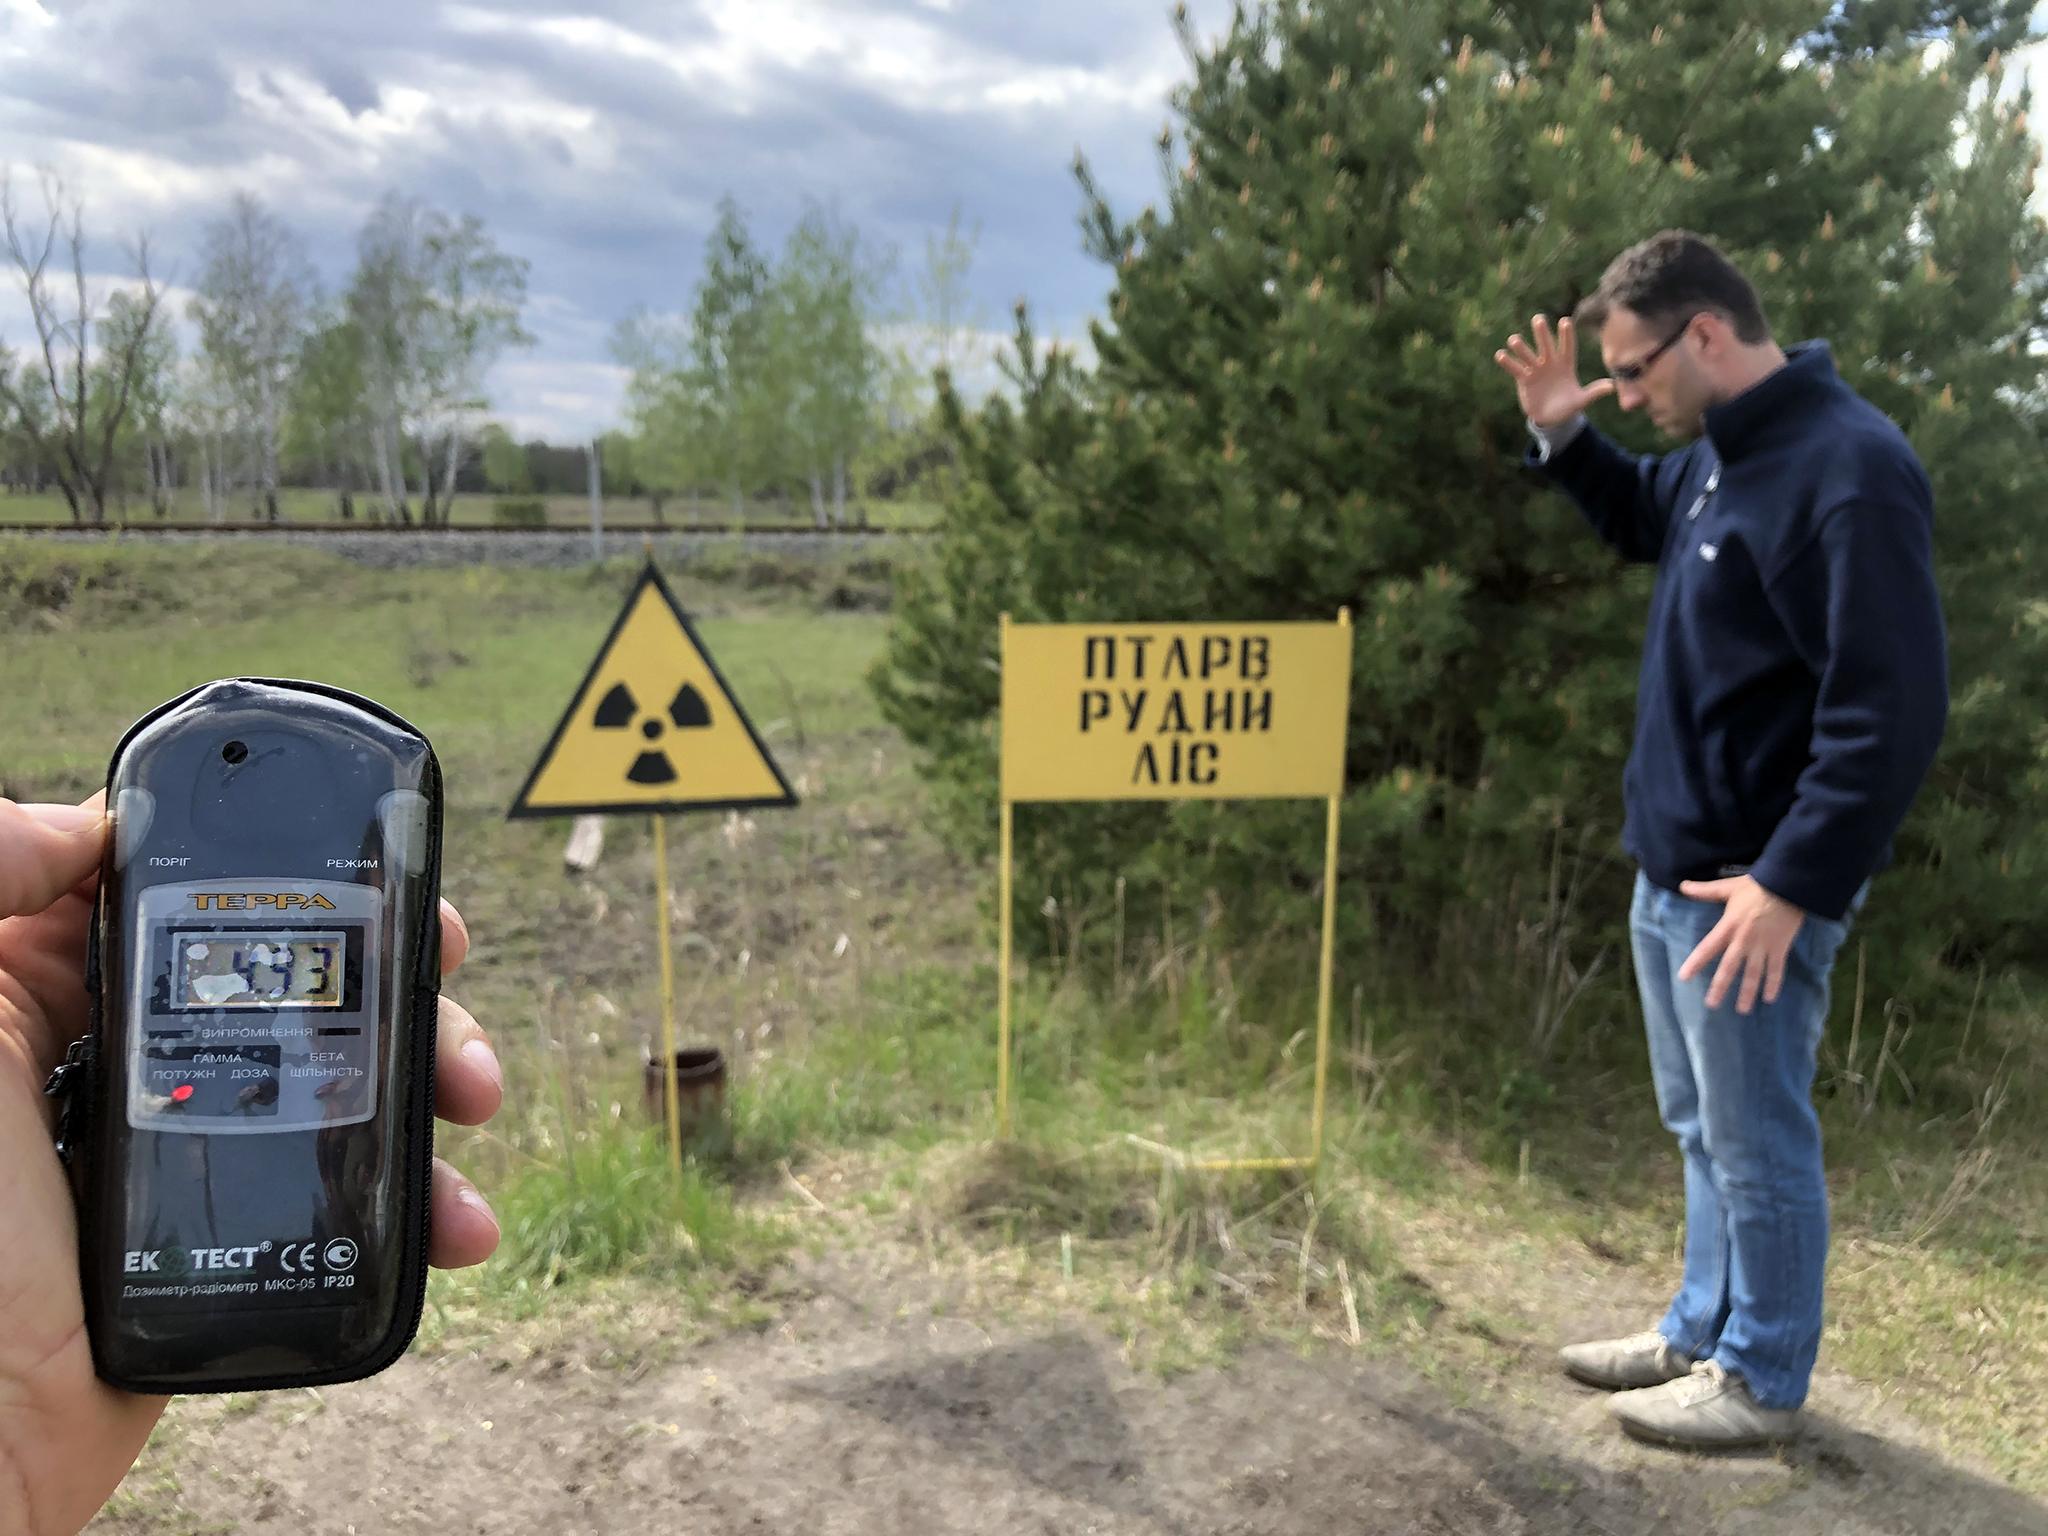 Visitar Chernóbil - Visitar Chernobyl Ucrania Ukraine Pripyat visitar chernóbil - 47045818554 81432d0b1e o - Visitar Chernóbil: el lugar más contaminado del planeta